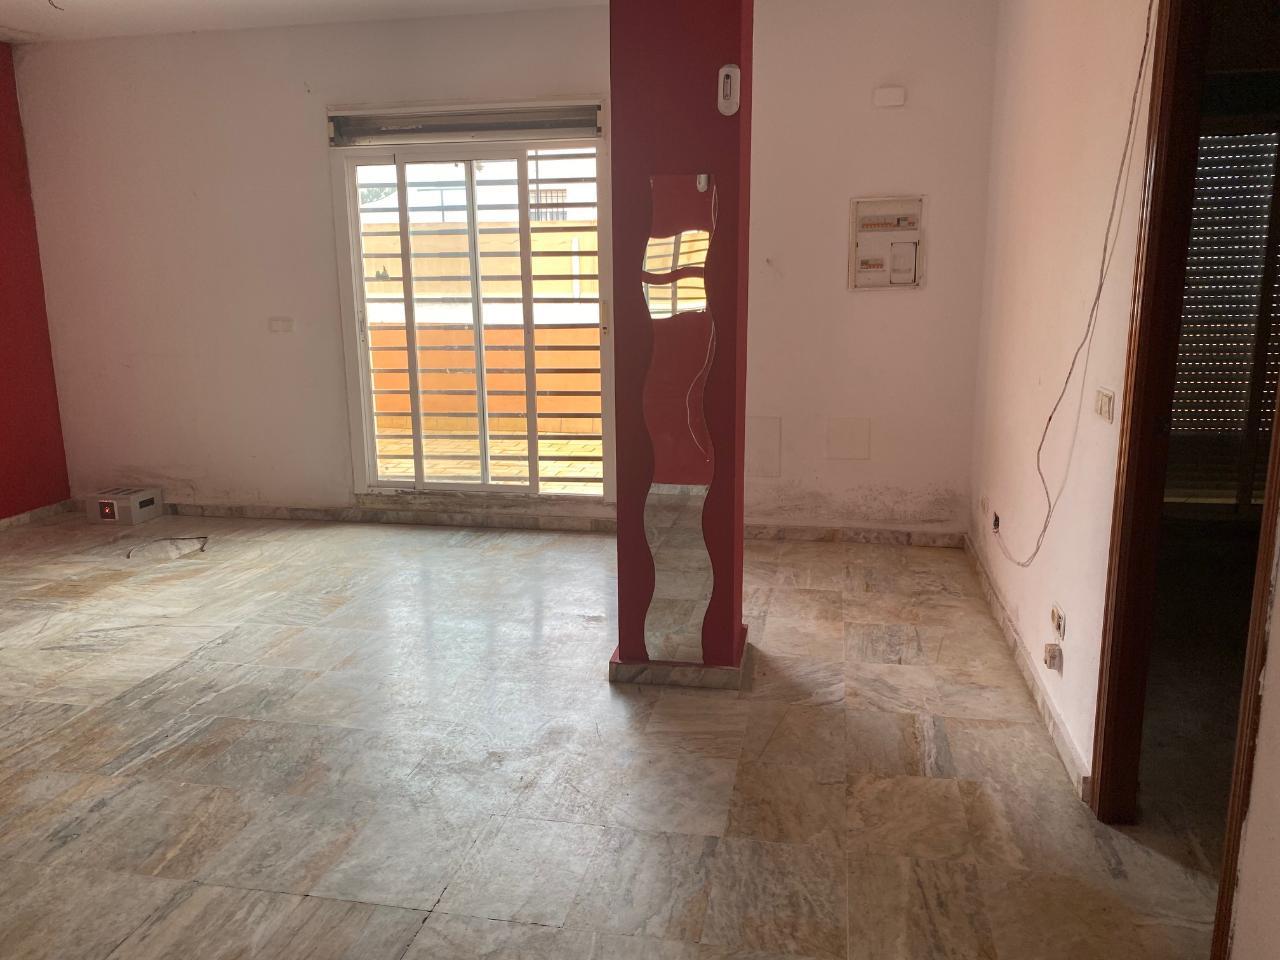 Piso en venta en Rota, Cádiz, Calle Nuestra Señora de los Remedios, 80.000 €, 1 habitación, 1 baño, 91 m2